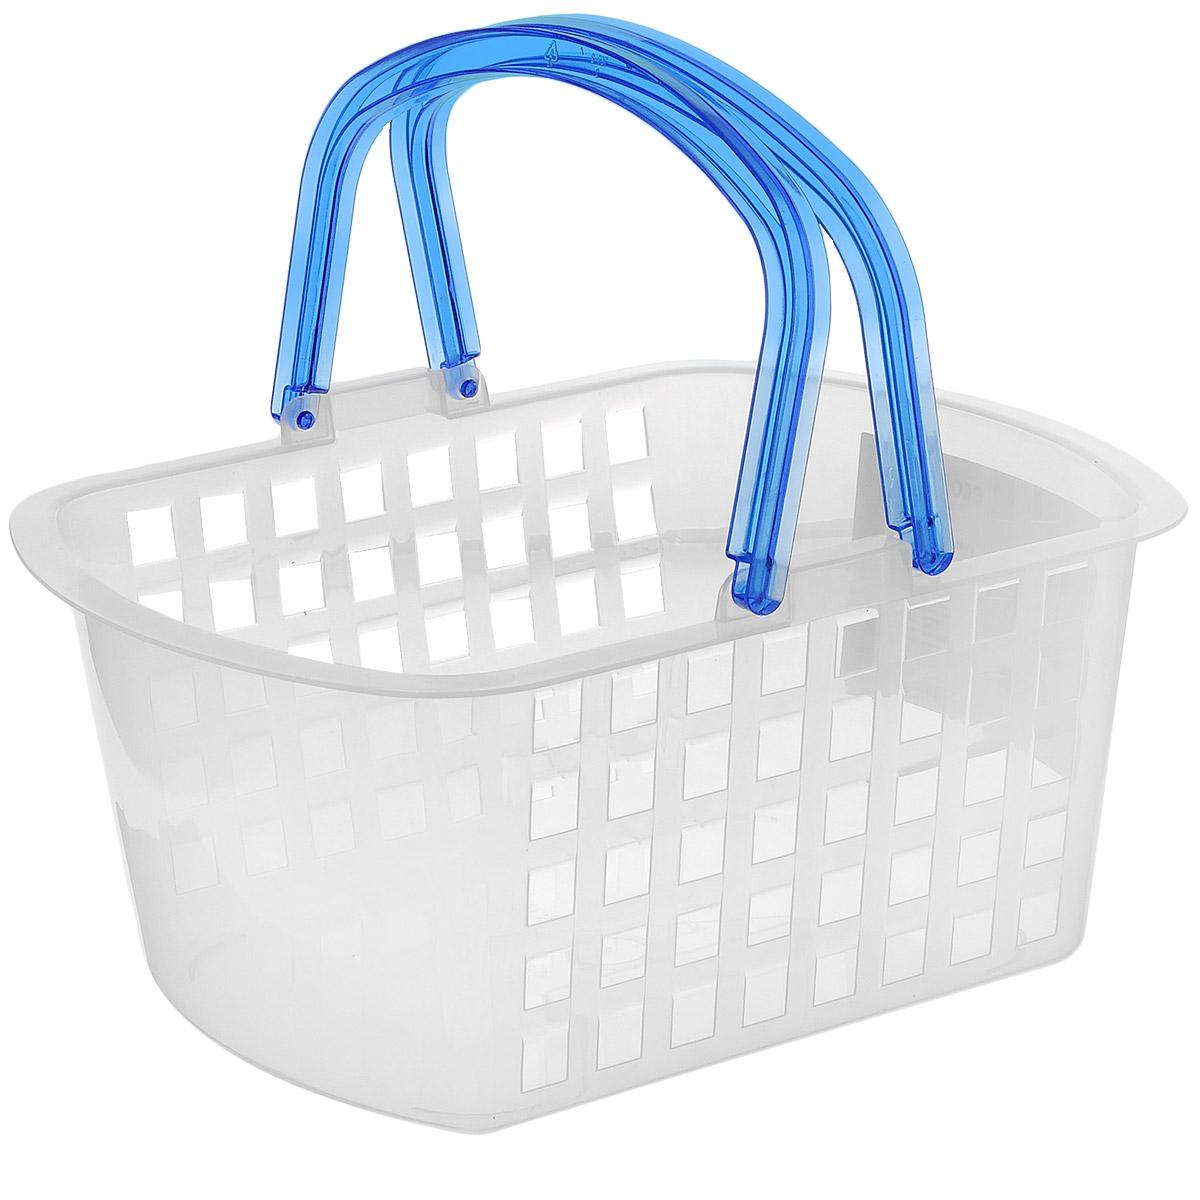 Корзина универсальнаяEconova, с ручками, цвет: синий, 31 см х 24 см х 15 см193415белый/синийУниверсальная корзинка Econova, изготовленная из пластика, прекрасно подойдет для хранения бытовой химии, мелкого белья, домашних мелочей, металлических инструментов и других предметов. Корпус корзины декорирован квадратными отверстиями. Благодаря двум ручкам ее легко переносить. Размер корзины: 31 см х 24 см х 15 см.